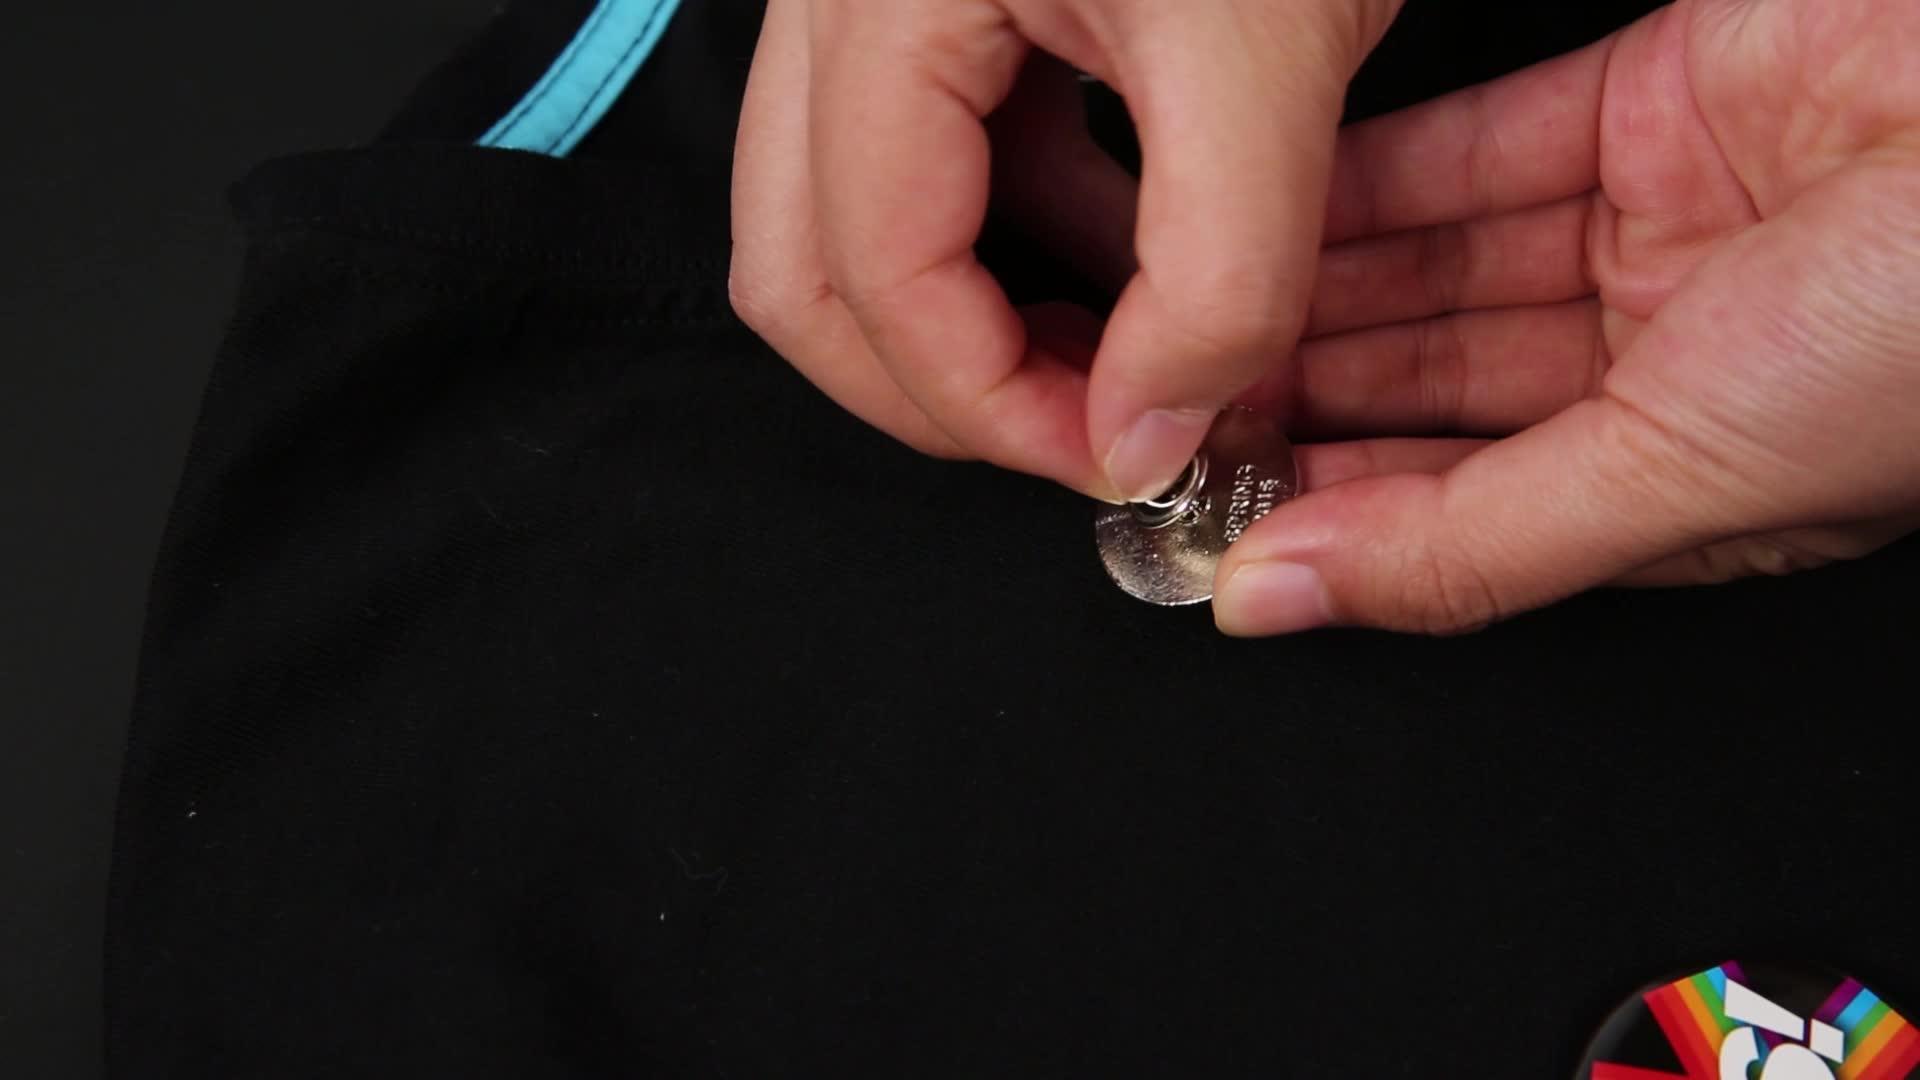 Exquisite geschenk Benutzerdefinierte runde sicherheit mode pin Taste Abzeichen